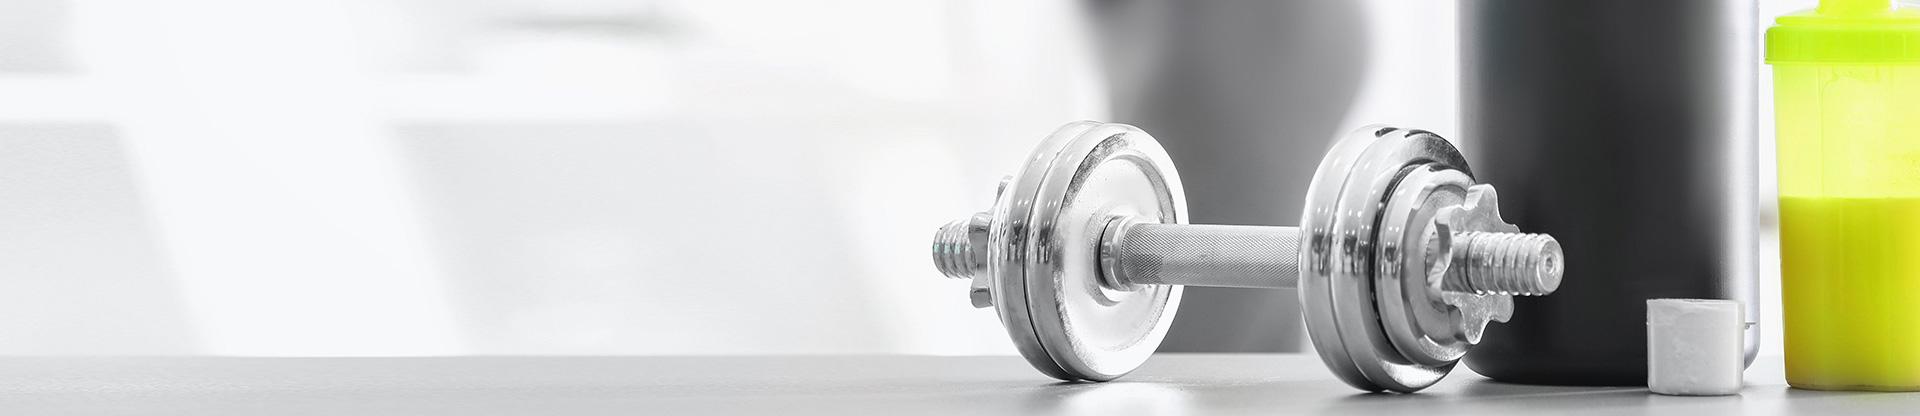 Muskelmasse & Proteine